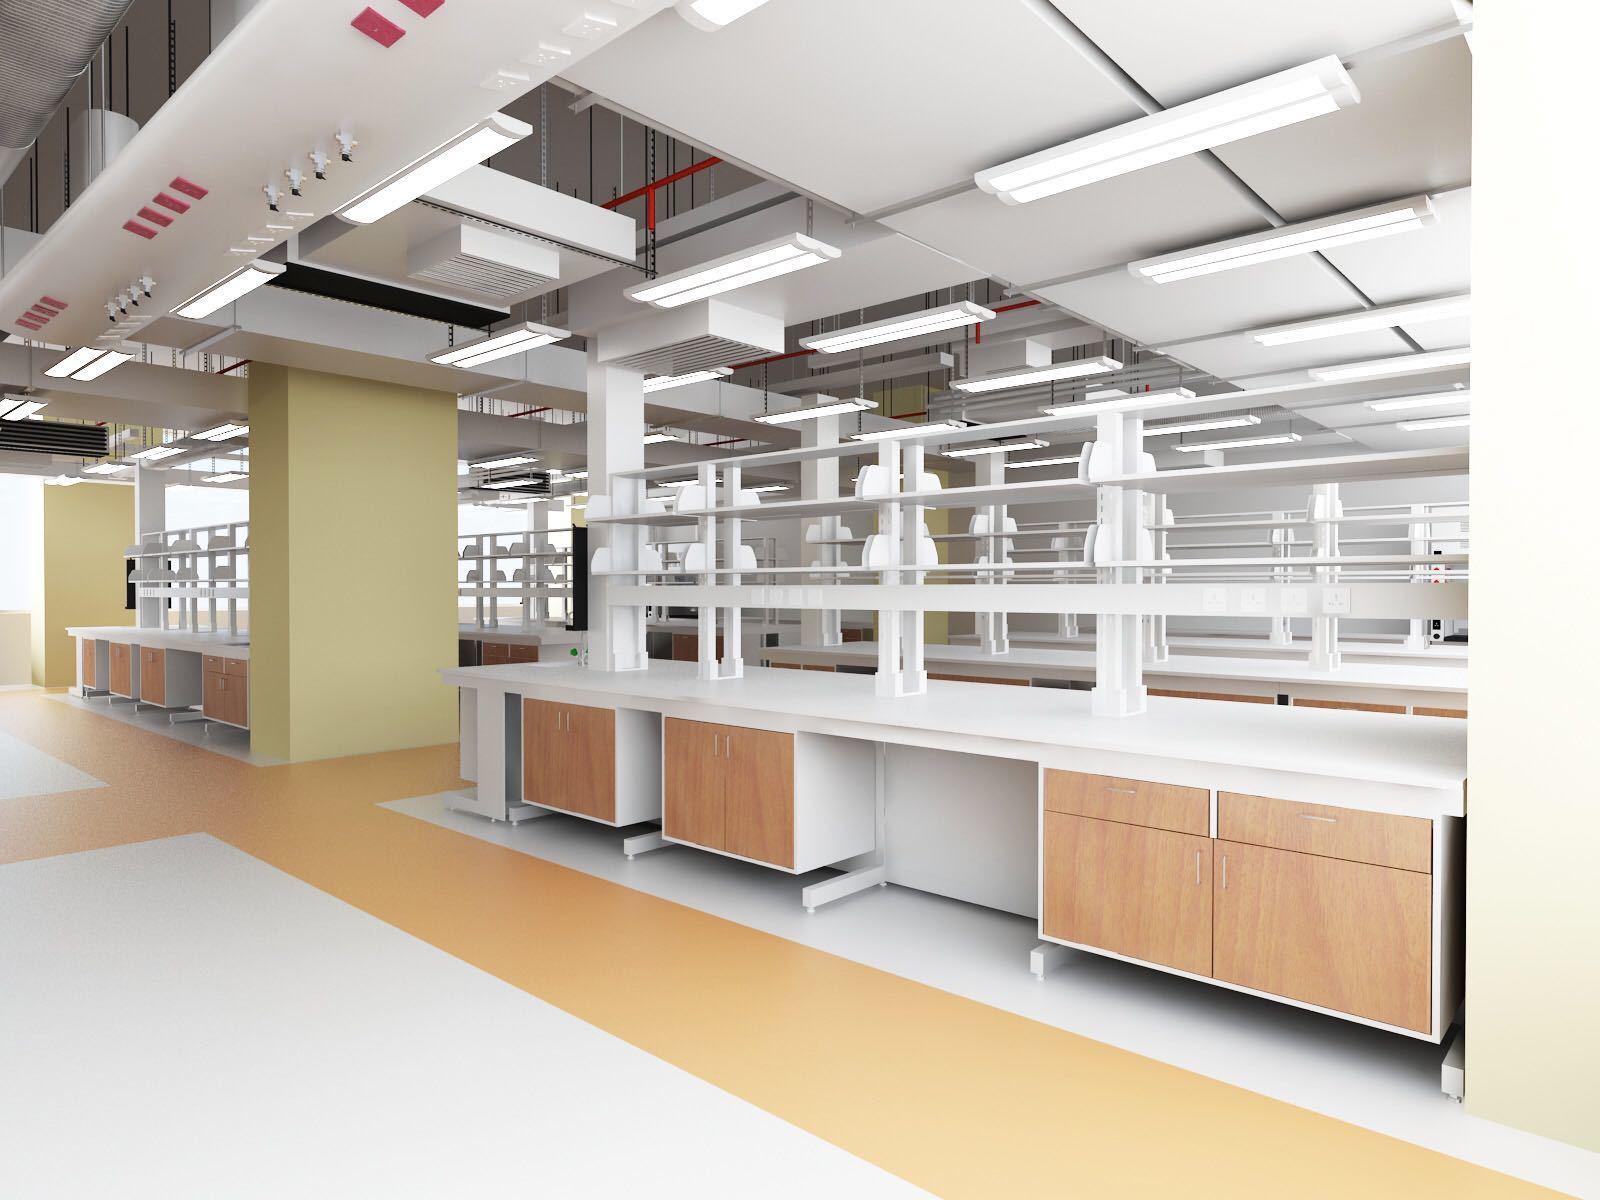 中小学实验室建设装修的重要点,你们都学到了吗?插图